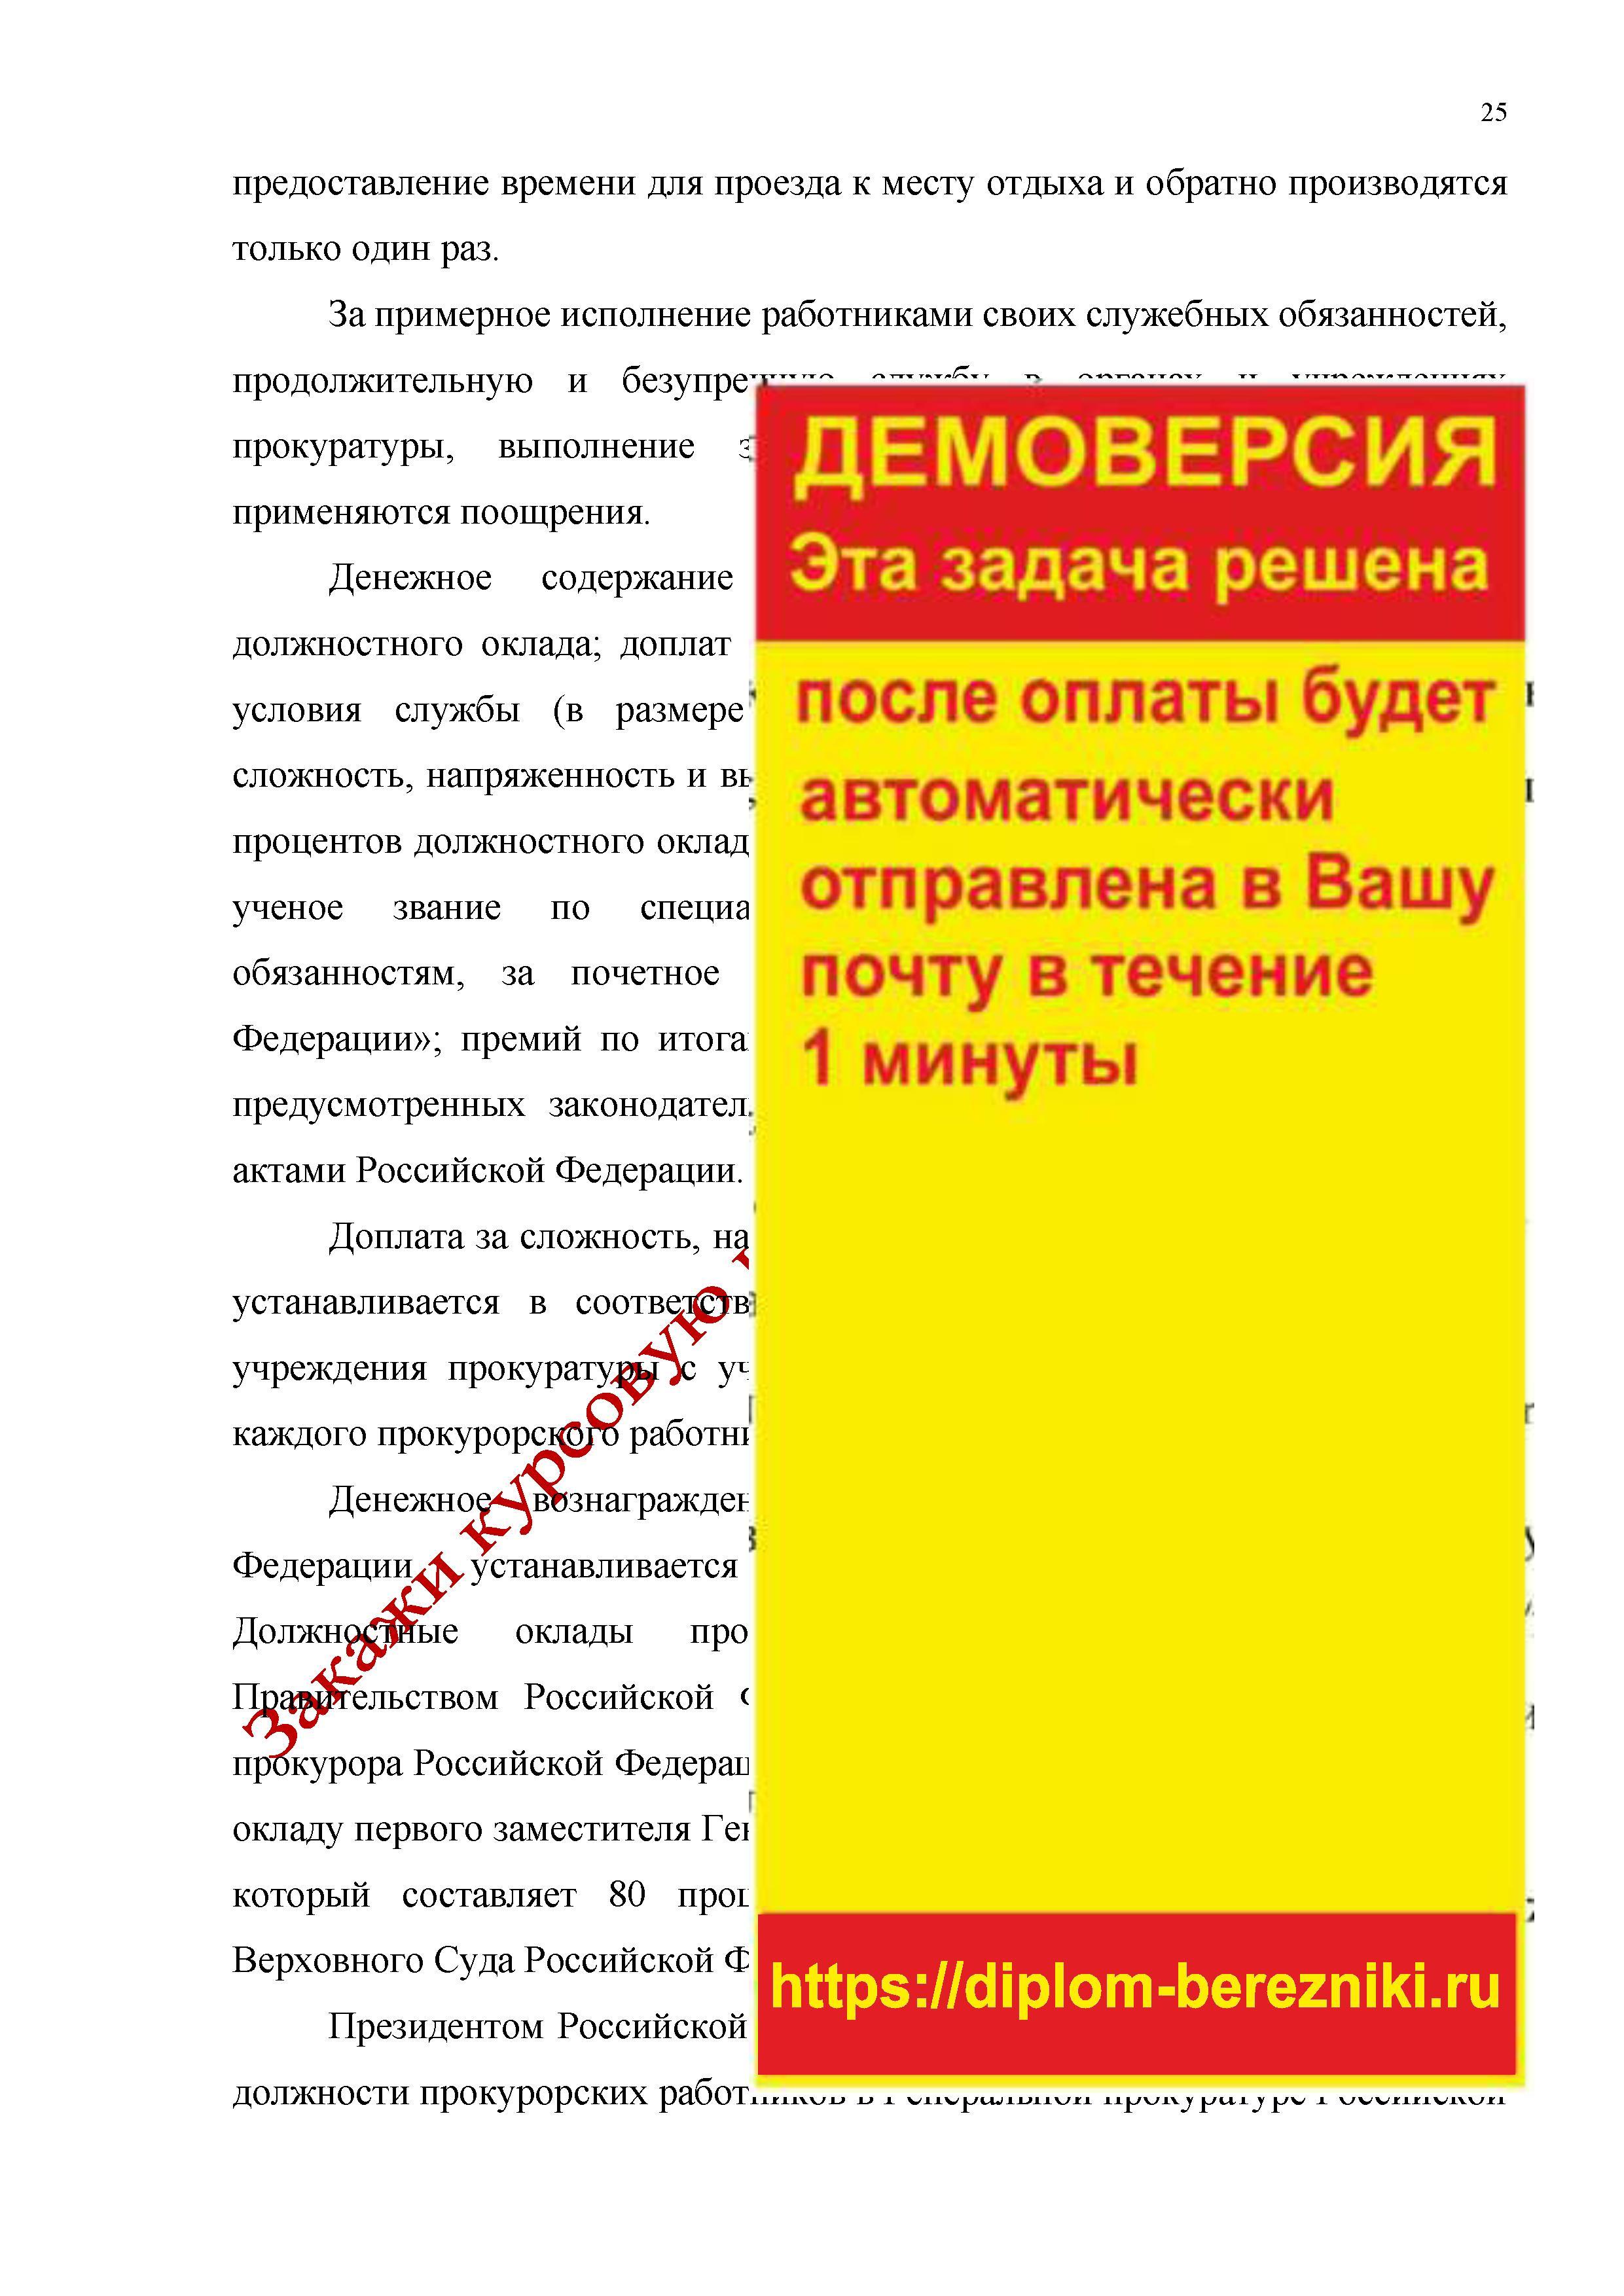 Федерального закона «Об основах государственной службы Российской Федерации»